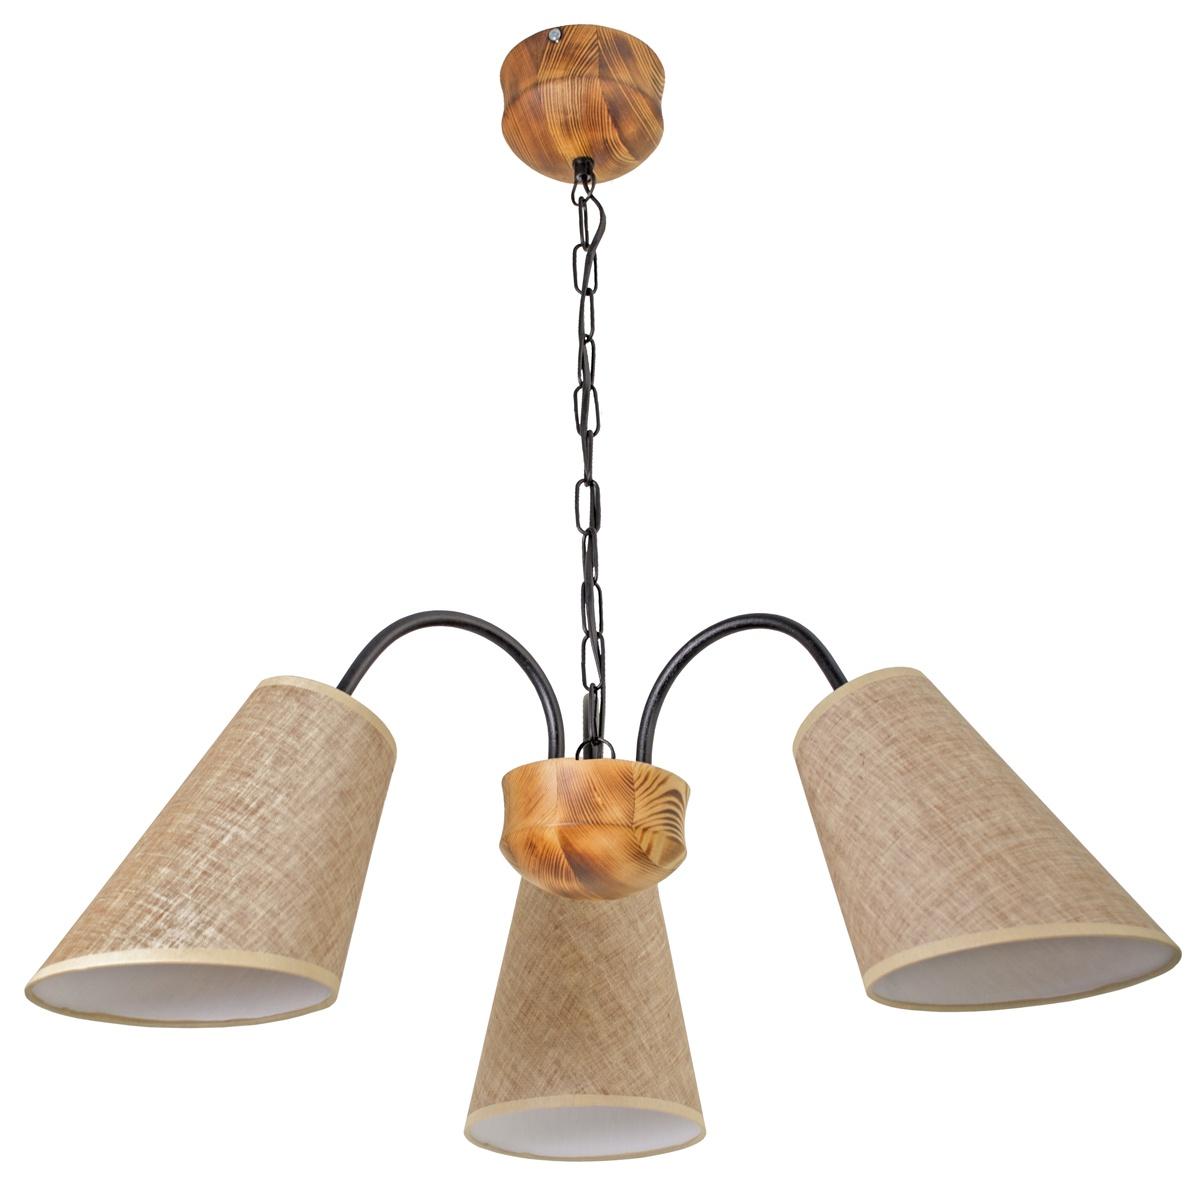 Фото - Подвесной светильник Дубравия Подвес Бьорн 3хЕ27х60Вт, обожженное дерево, 224-184-23, E27, 60 Вт подвесной светильник дубравия лори 181 41 23